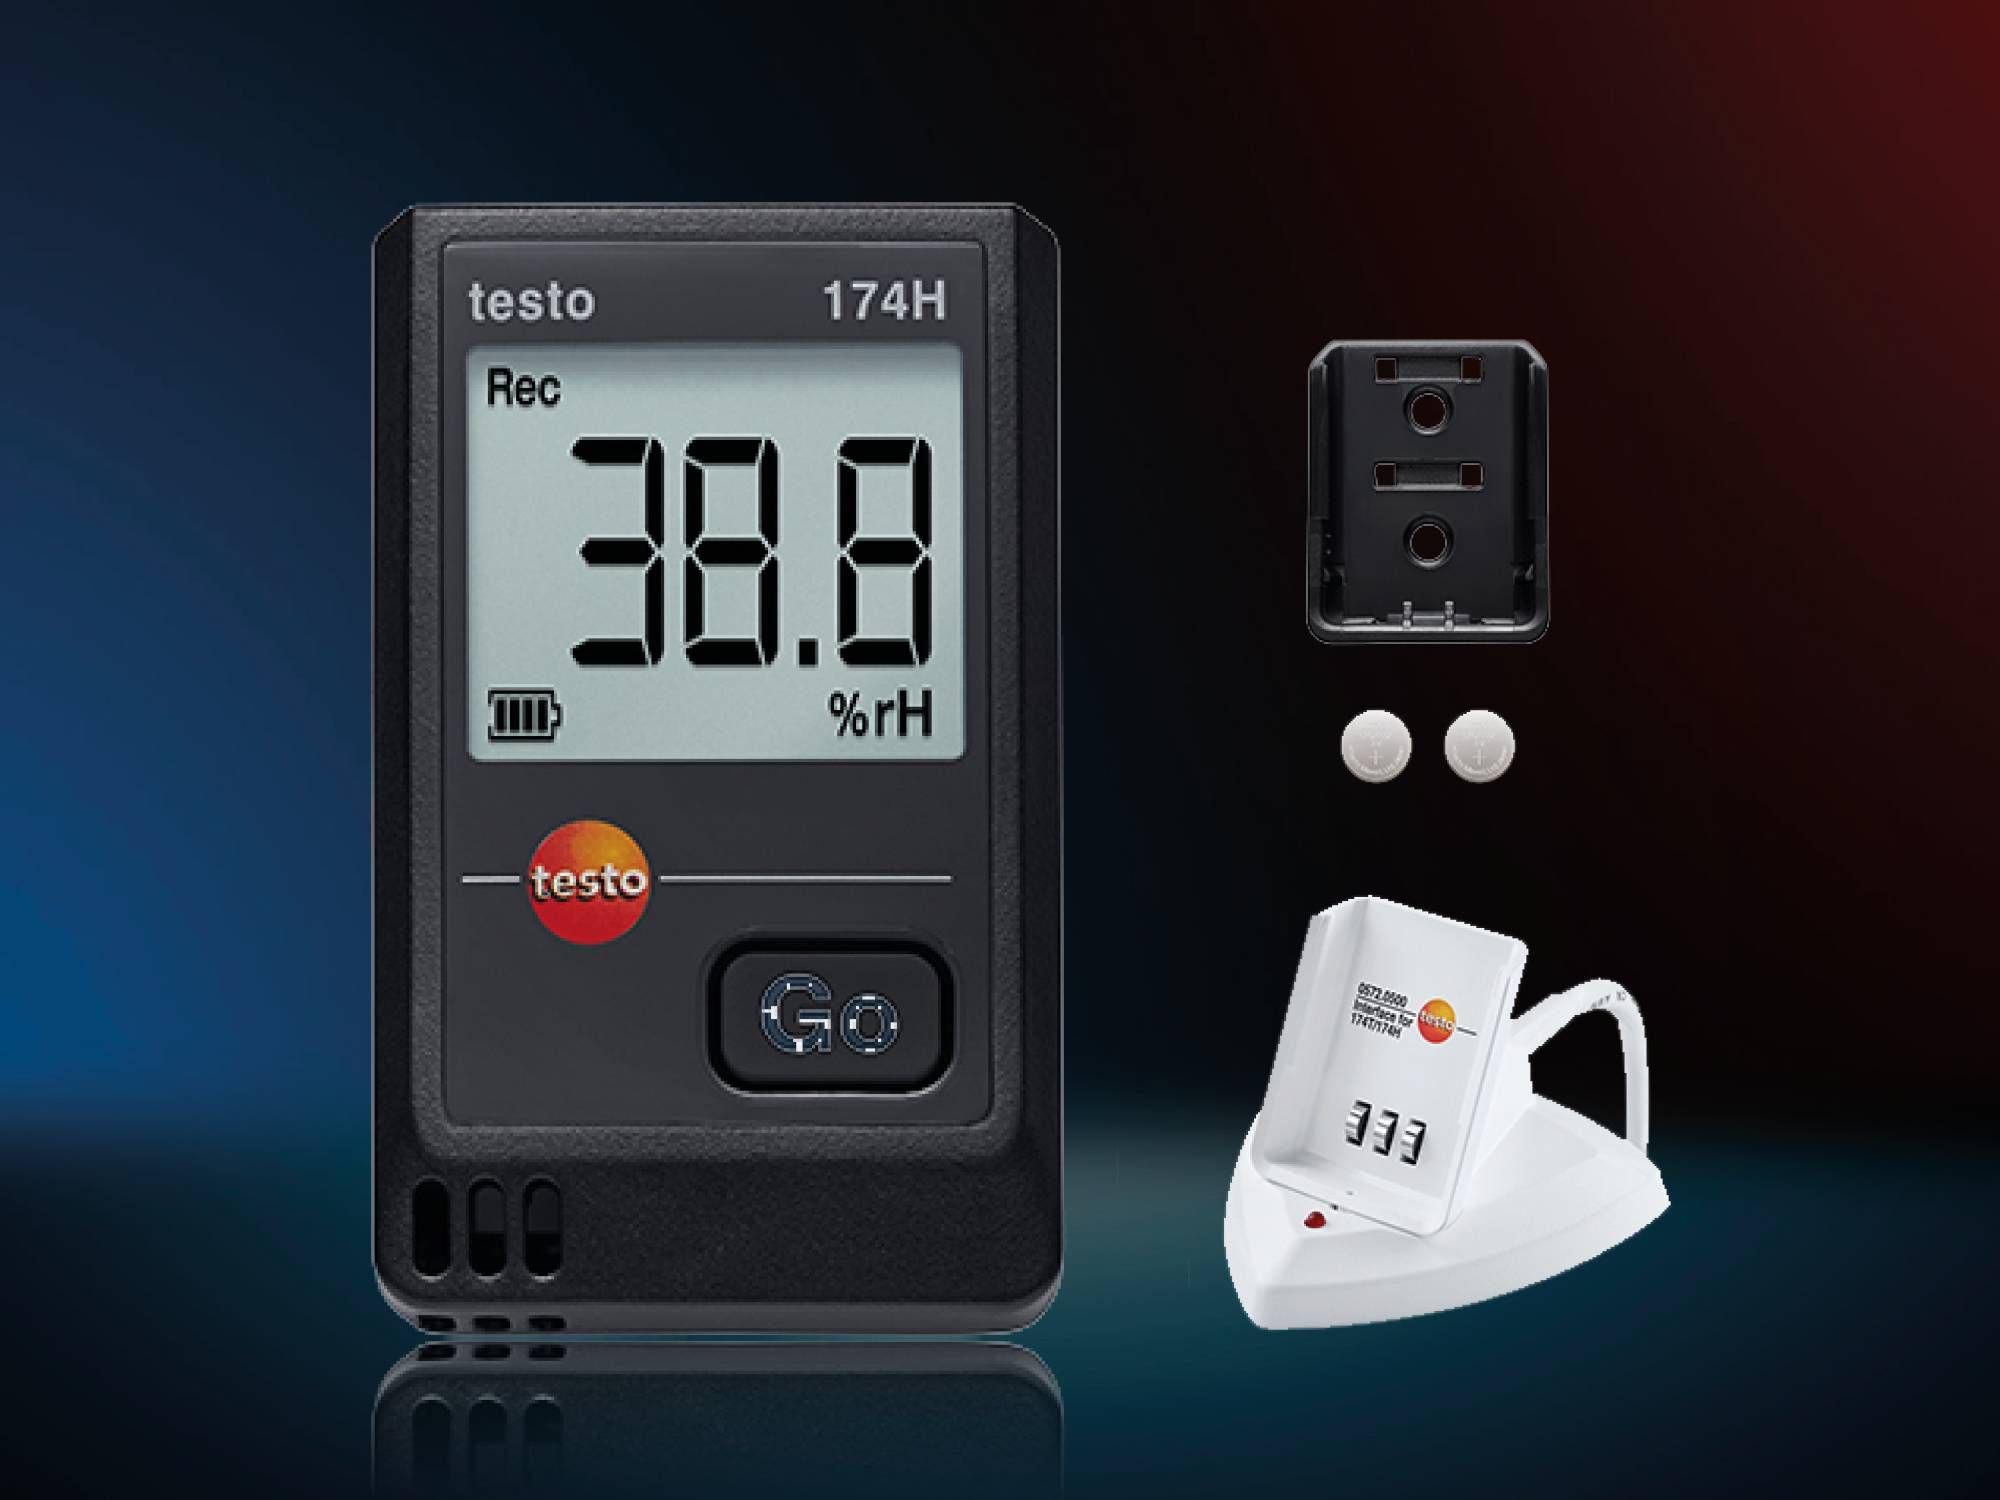 testo 174H 迷你温湿度记录仪套装